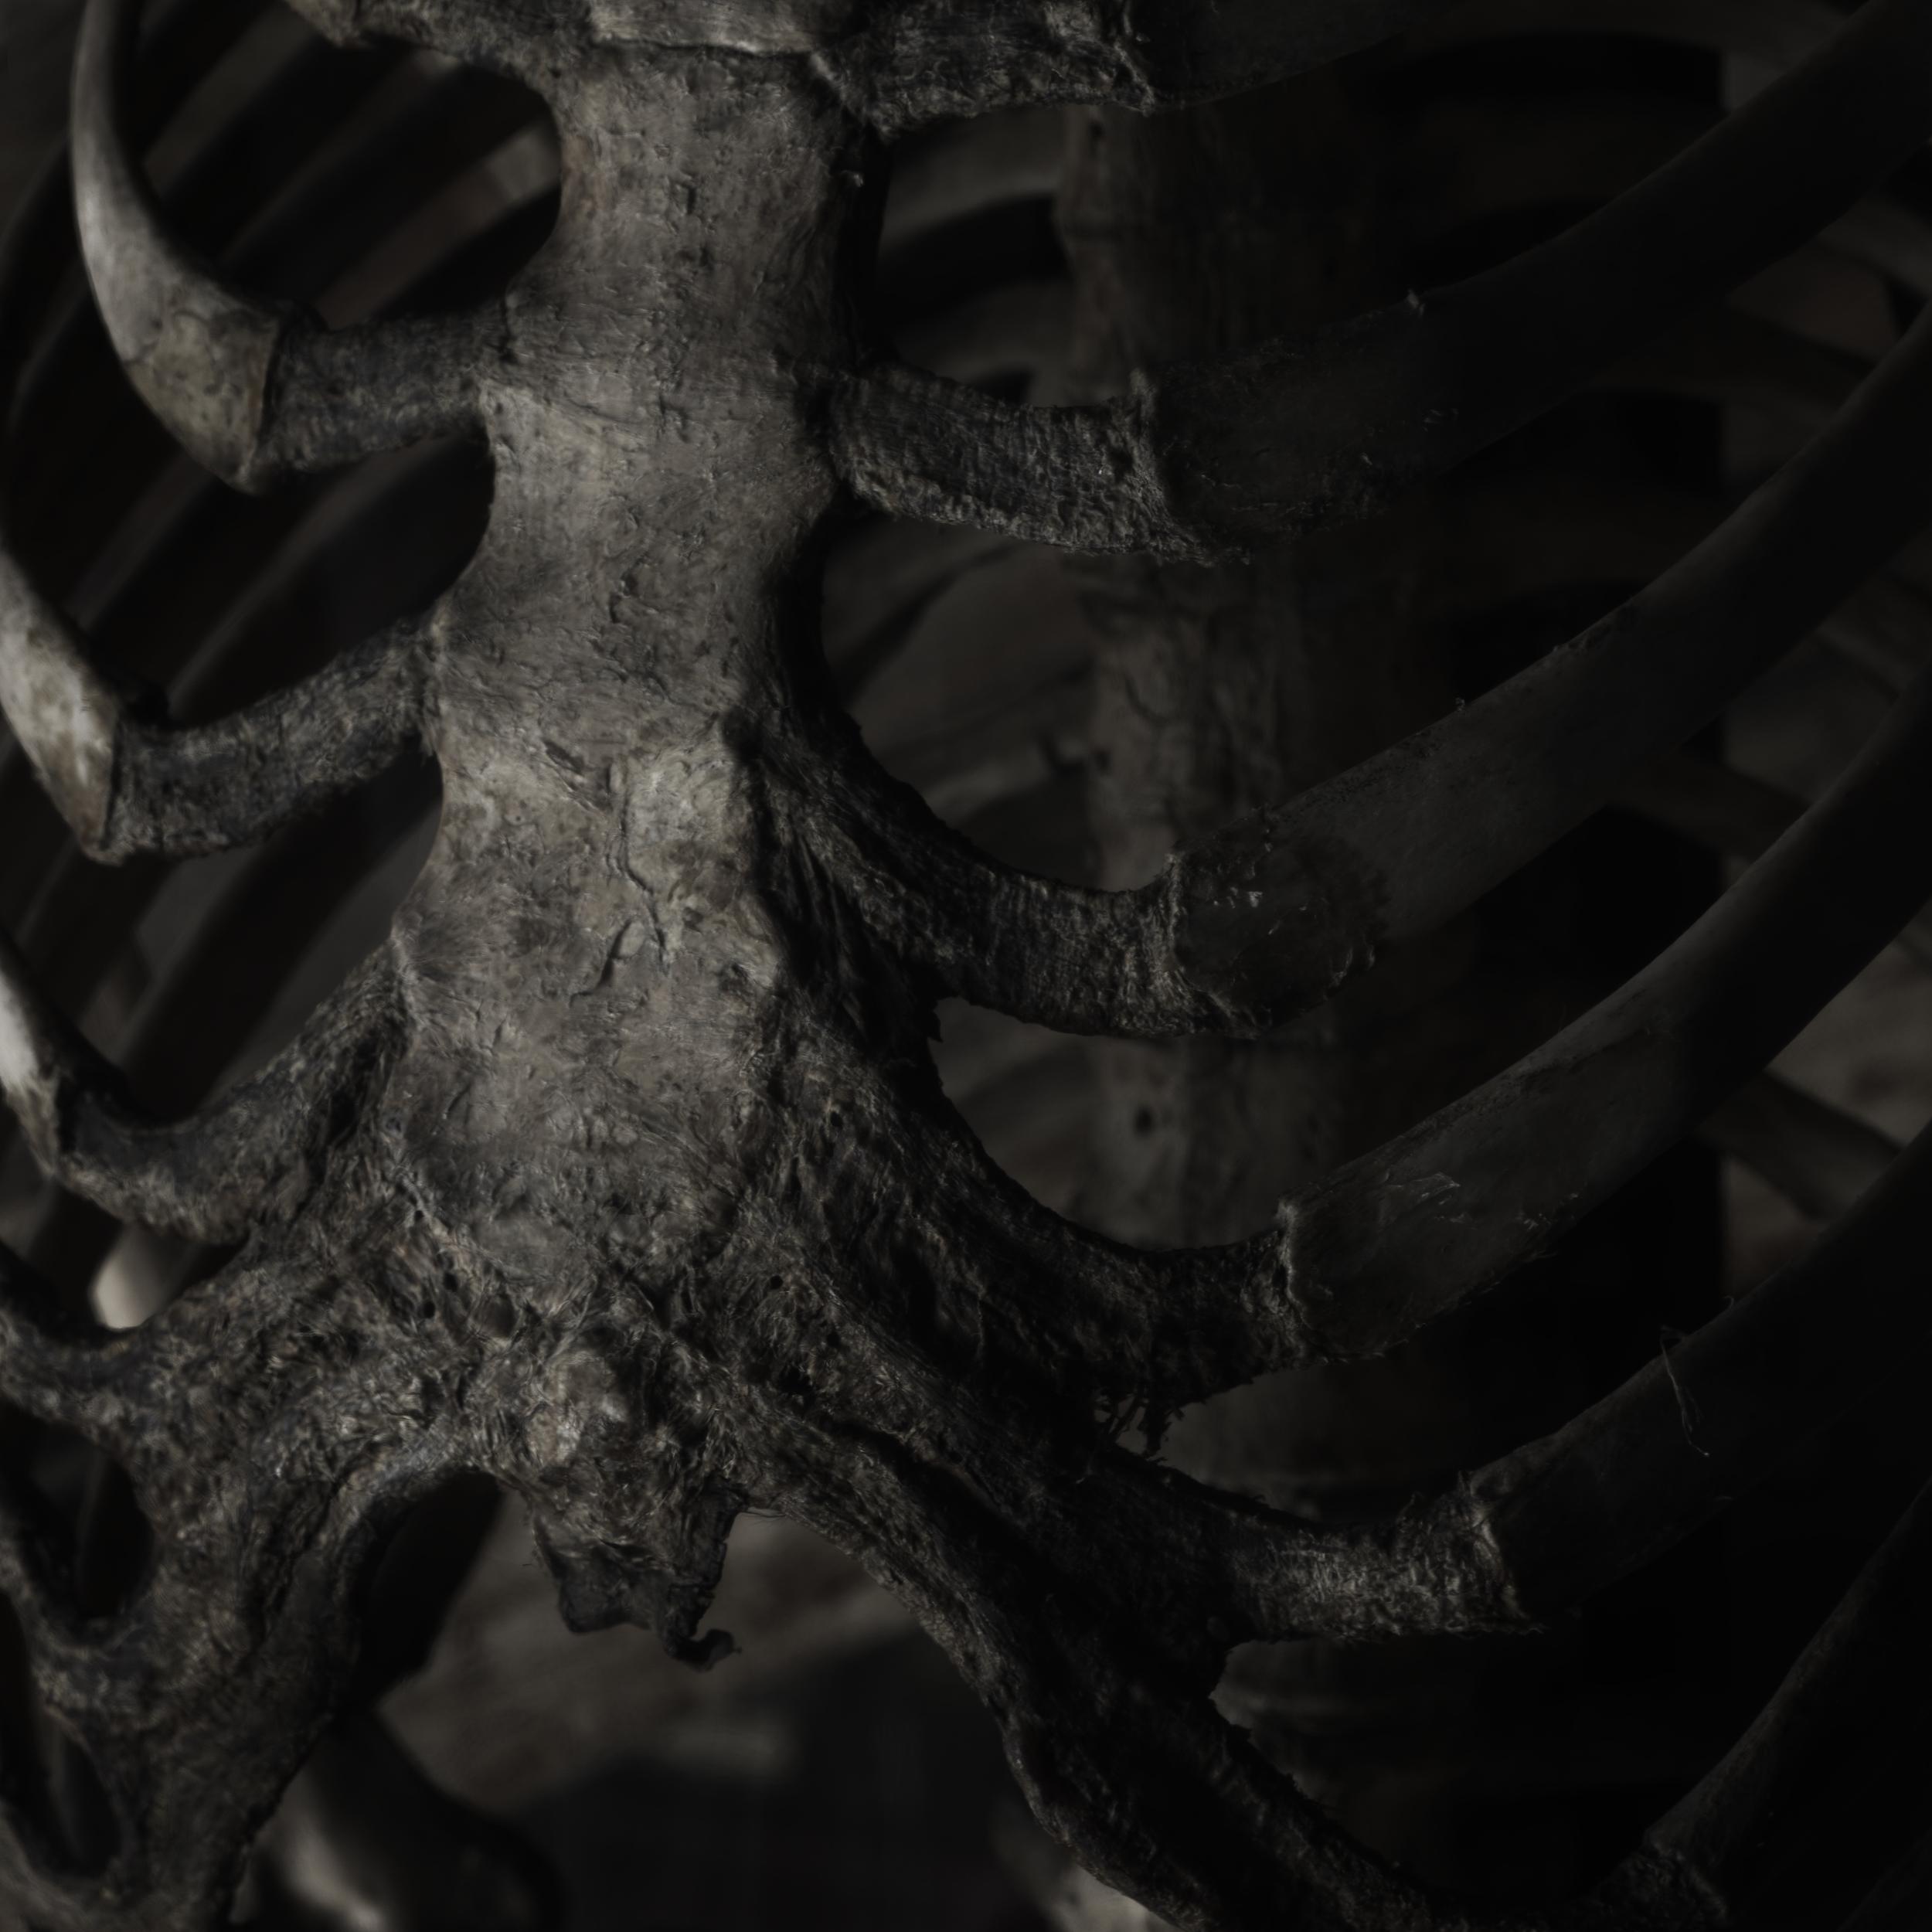 Human bone #1